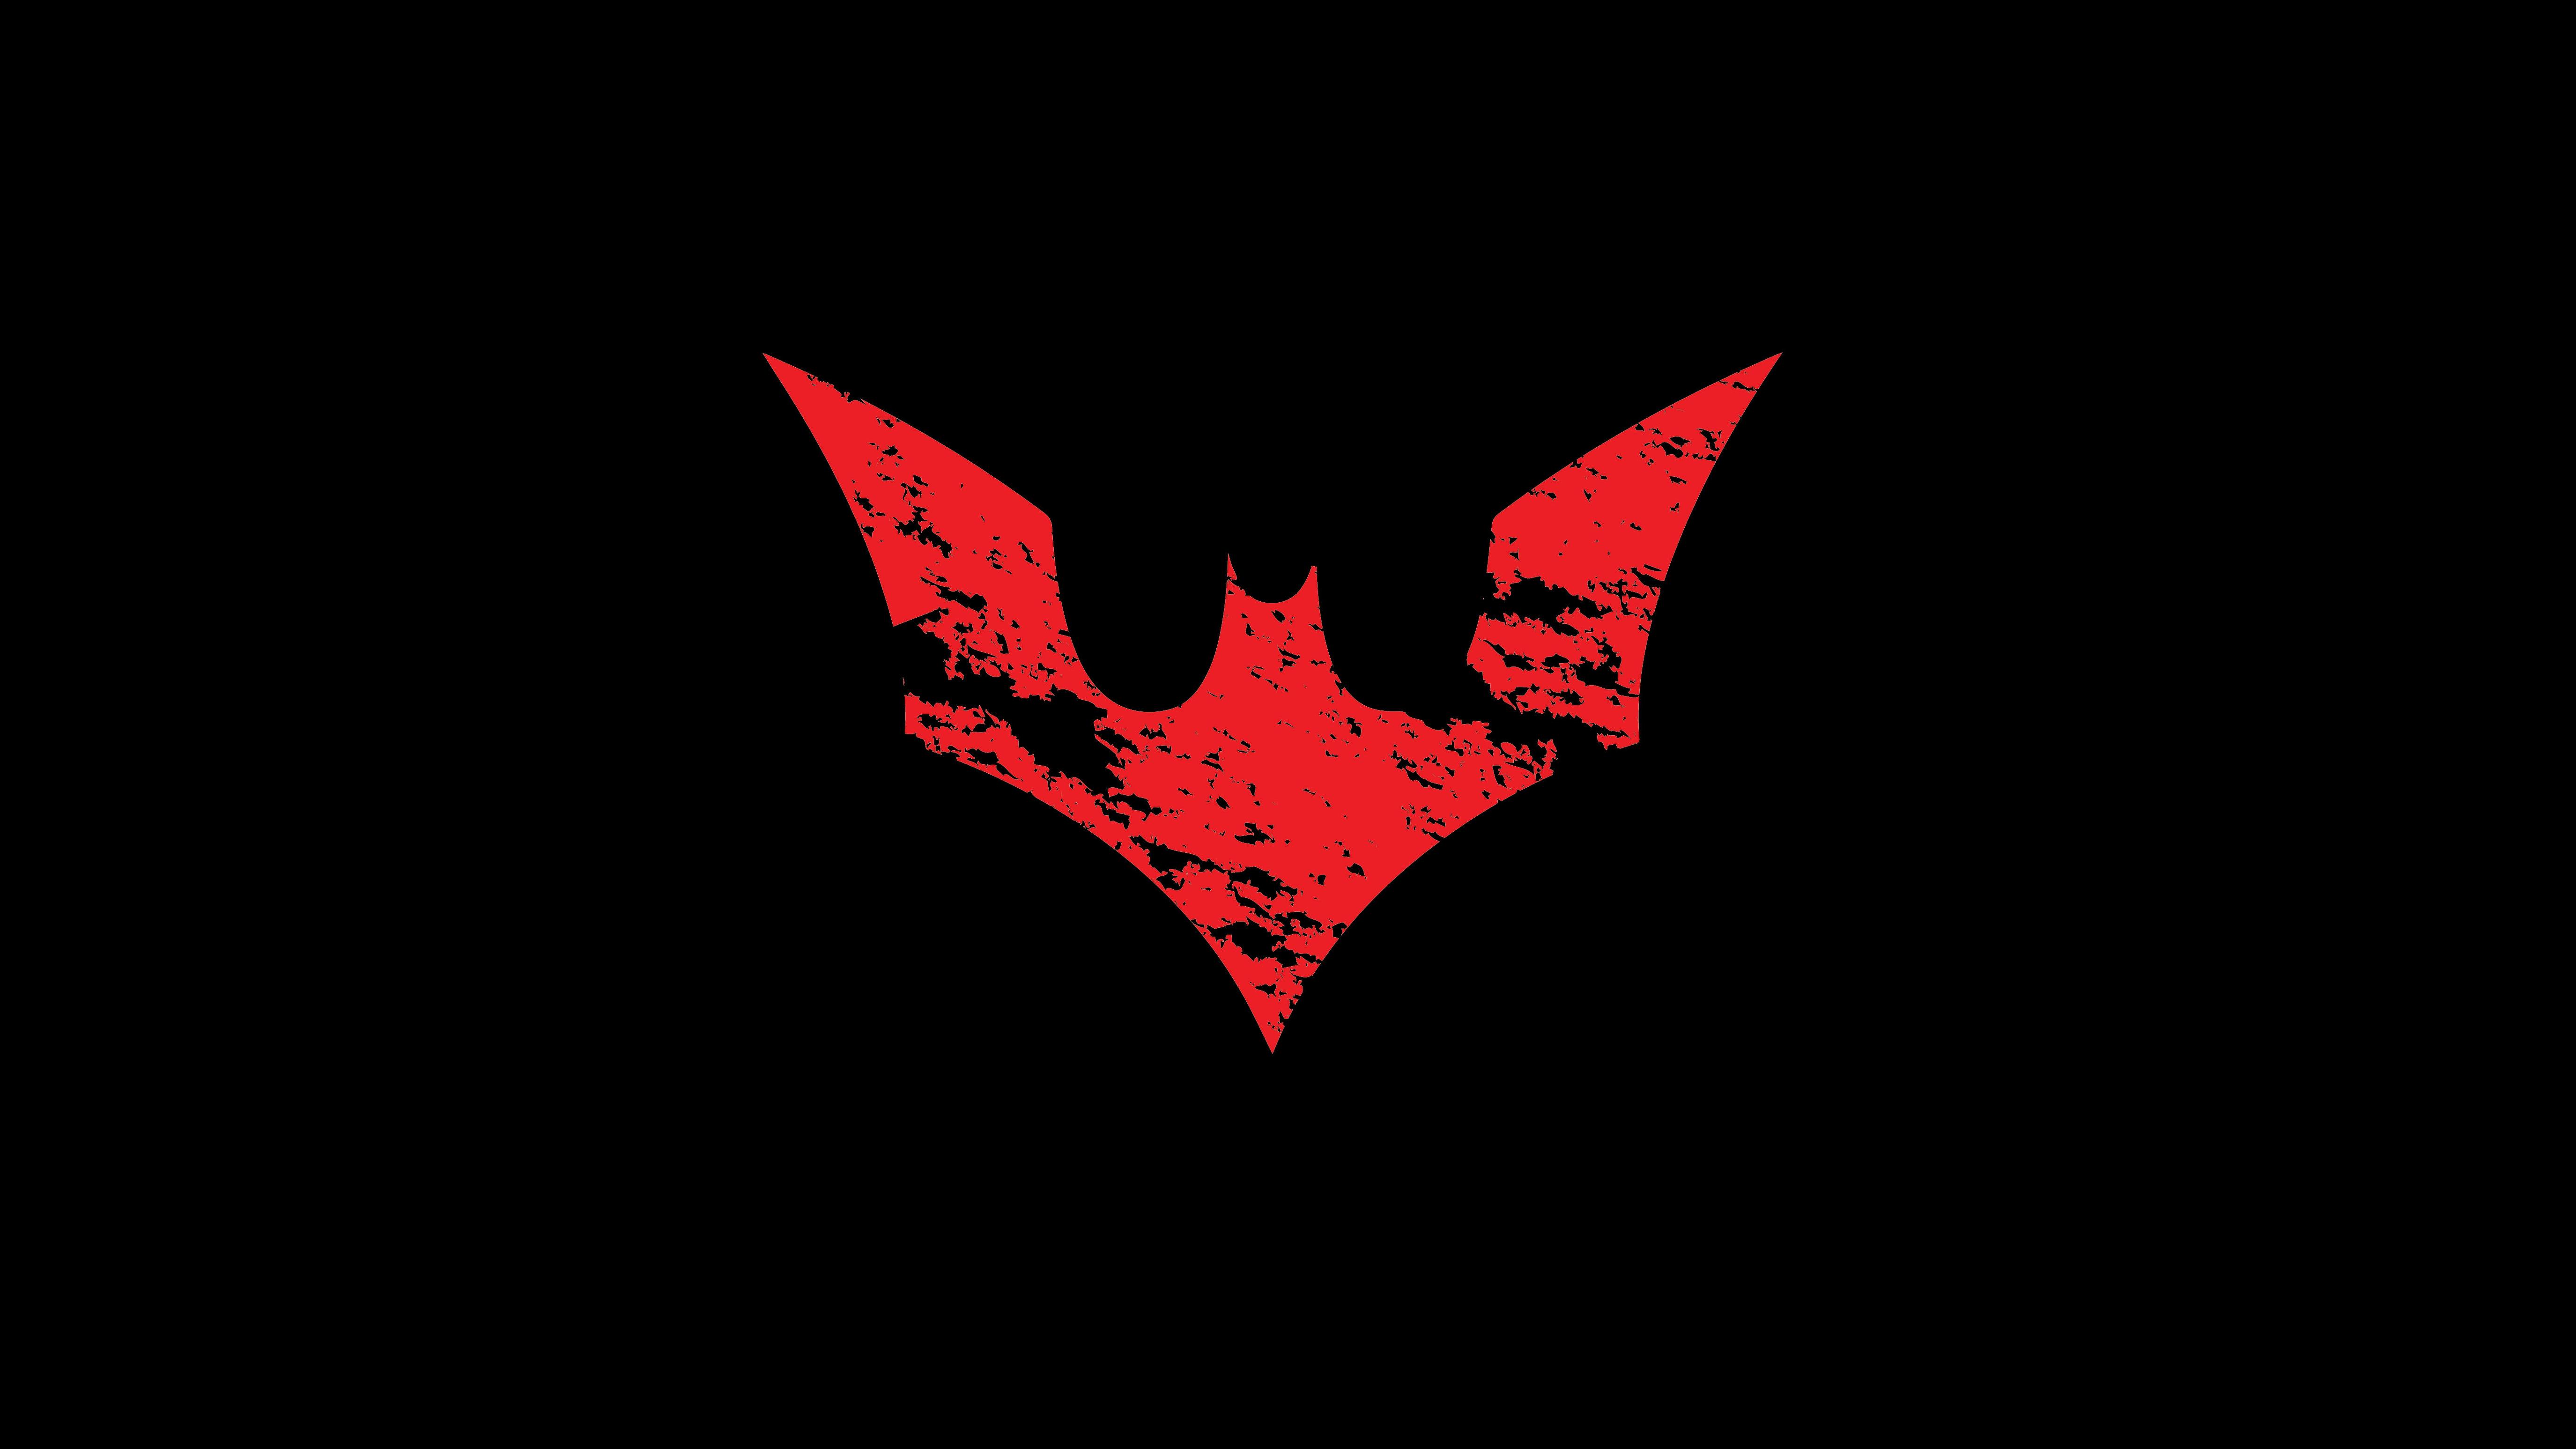 4K Batman Wallpaper - WallpaperSafari  Batman Beyond Logo Wallpaper Hd